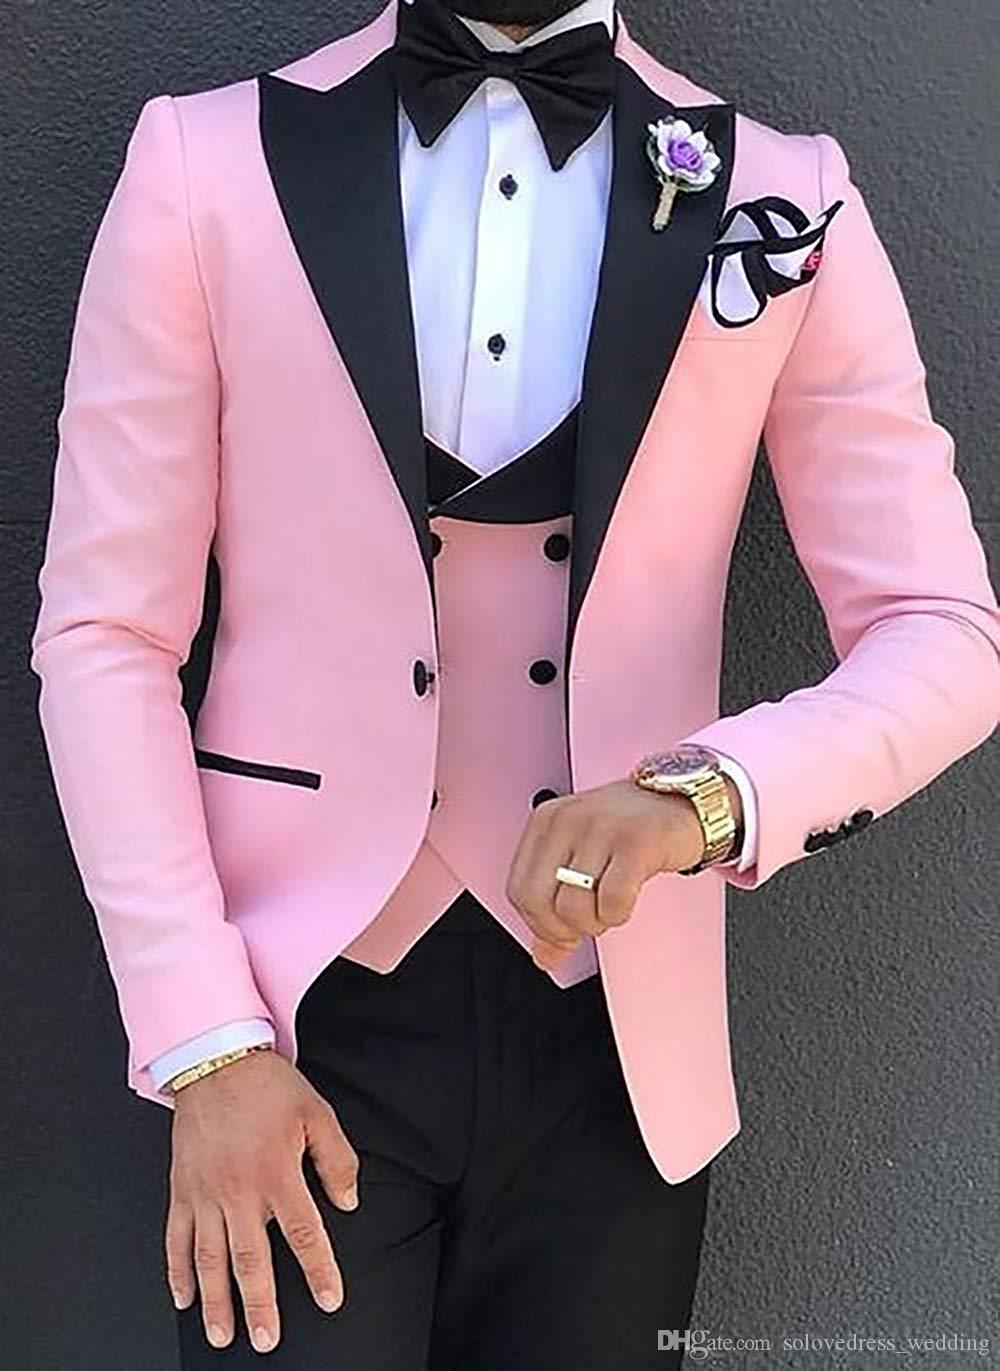 Rosa Hochzeits-Männer Anzug Slim Fit Kerb Lape Blazer formale Abschlussball-Anzug mit schwarzen Hosen 3 Stück nach Maß Groomsmen Suits (Jacket + Vest + Pants)